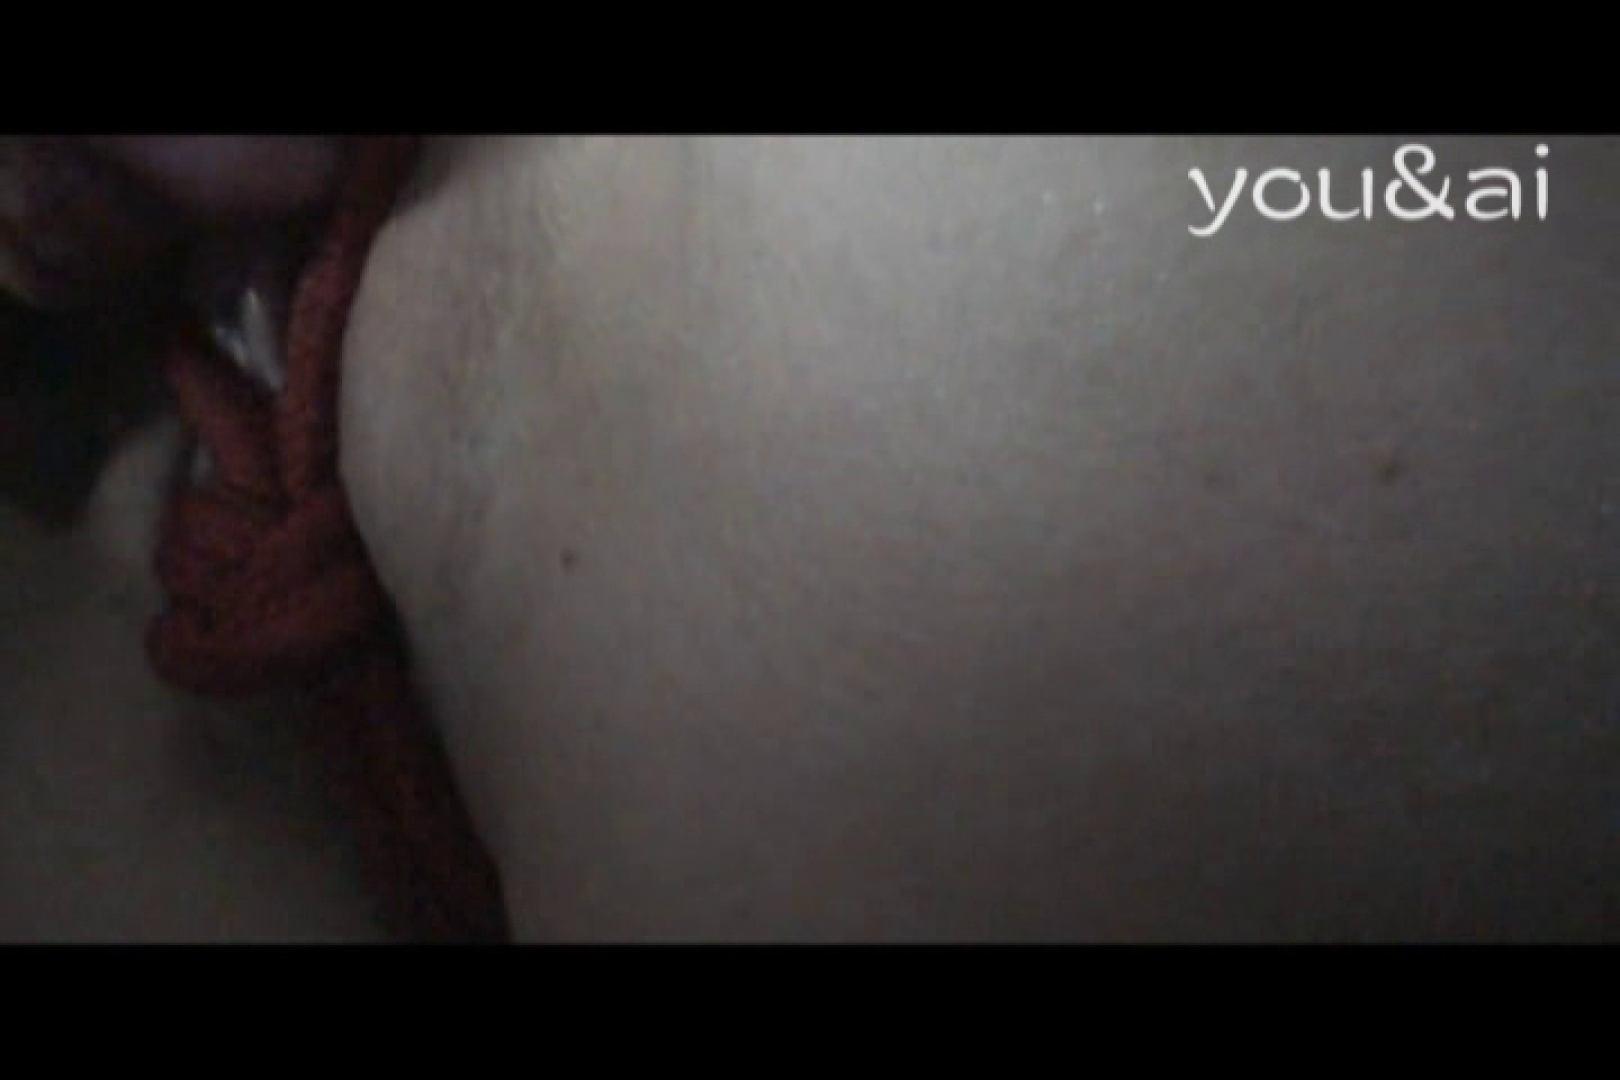 おしどり夫婦のyou&aiさん投稿作品vol.4 緊縛 | 投稿映像  71pic 17